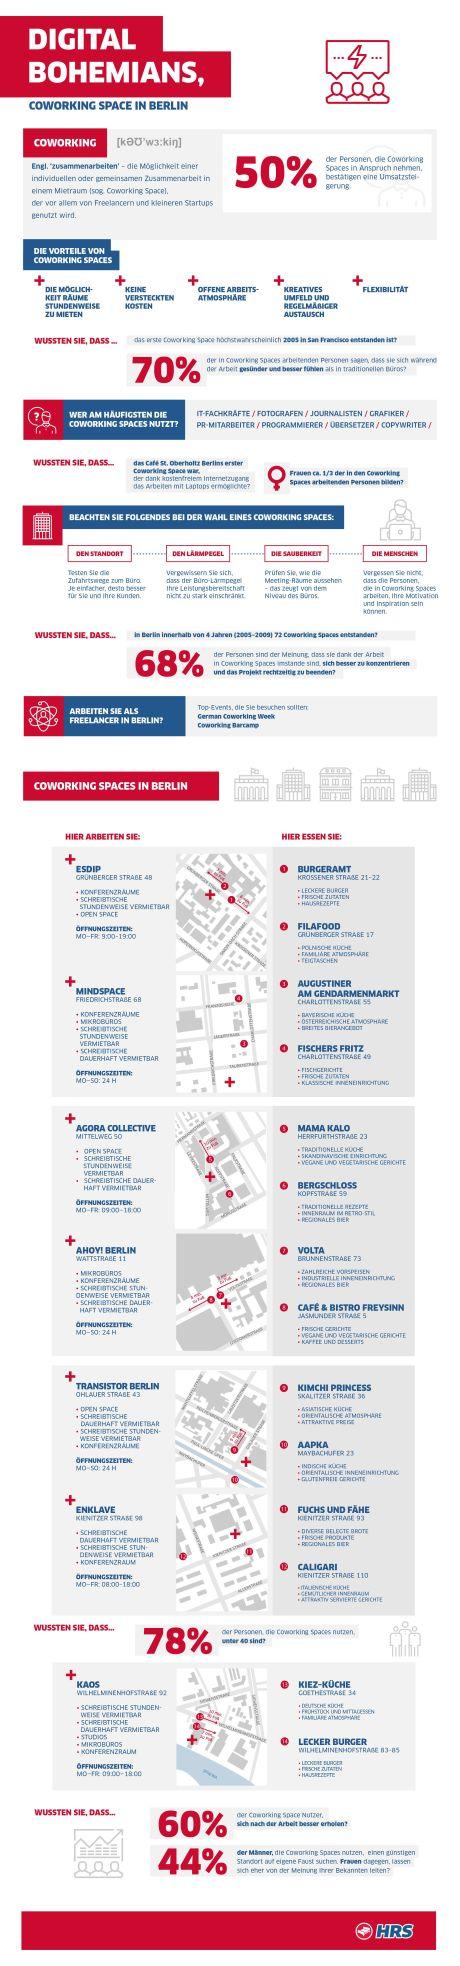 Coworking: So beeinflusst der Trend die Hauptstadt - 72 neue Coworking-Spaces in Berlin binnen vier Jahren und zahlreiche Hotels ziehen nach - Infografik: HRS